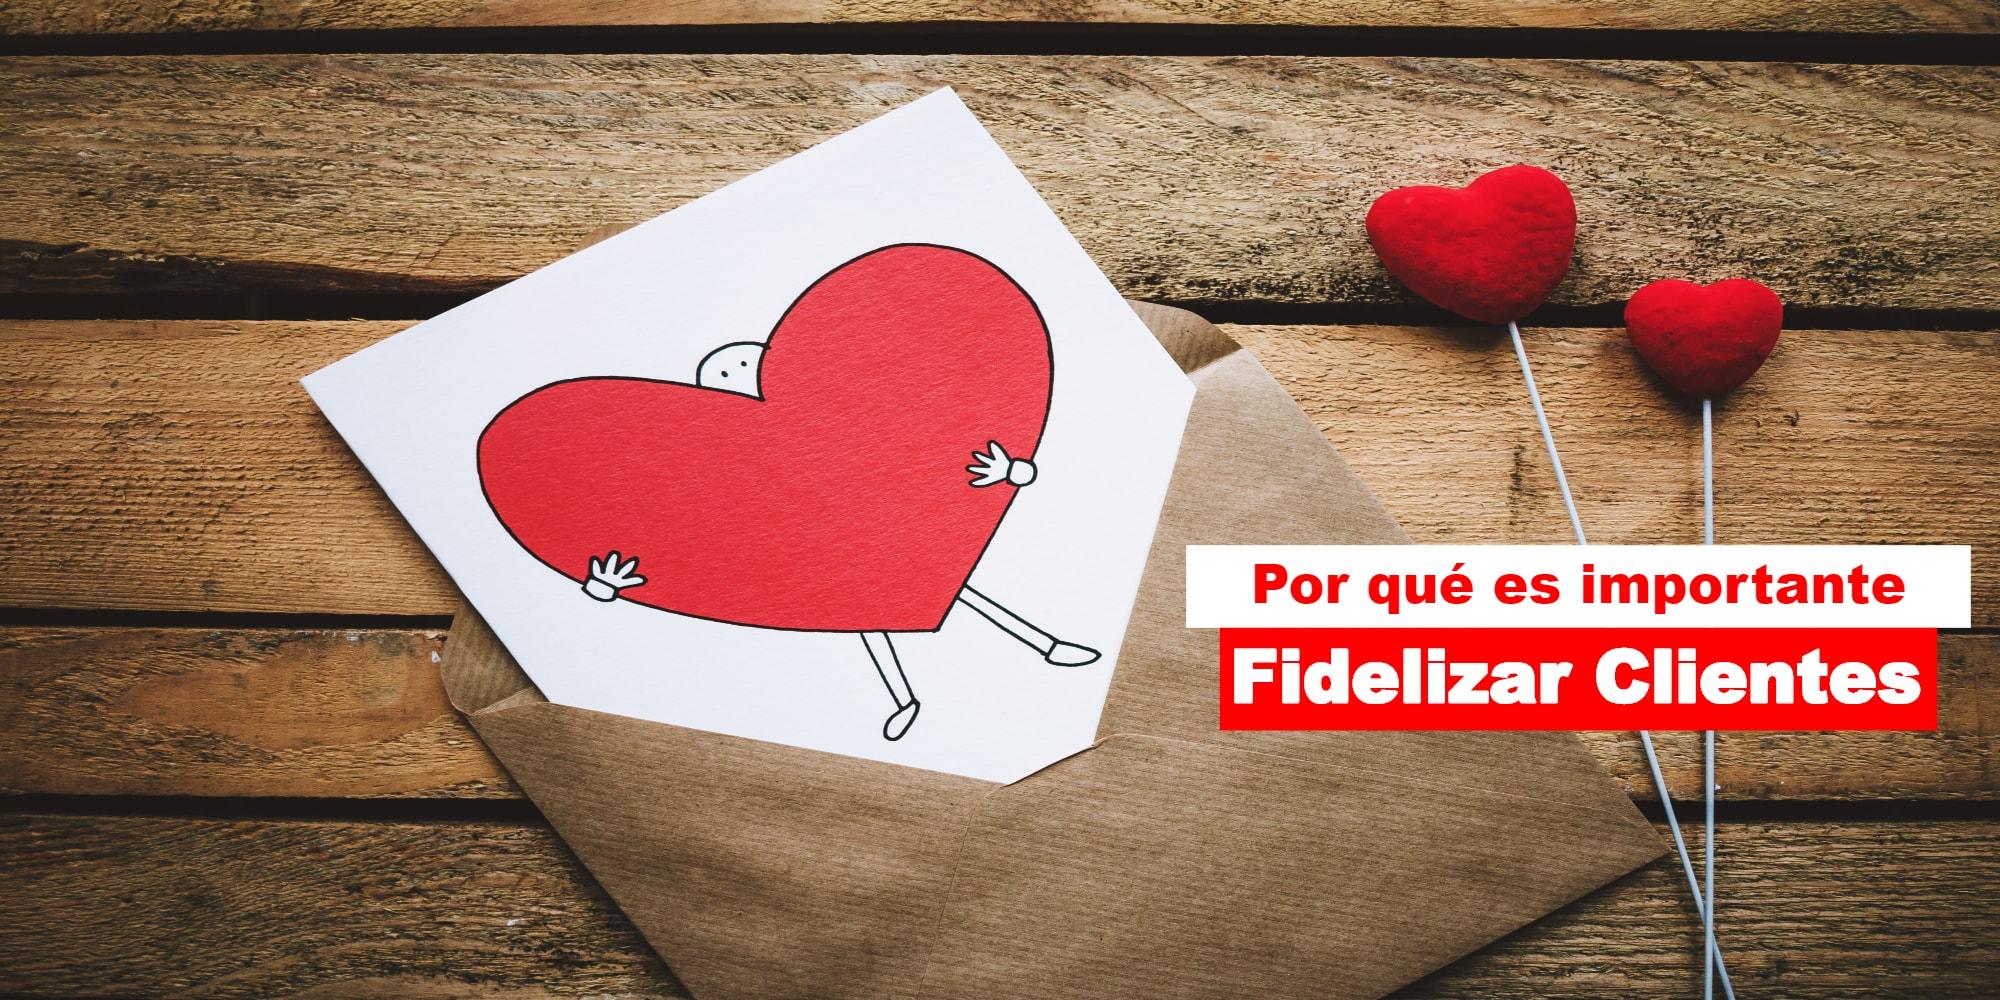 ¿Por qué es importante Fidelizar a tus clientes?